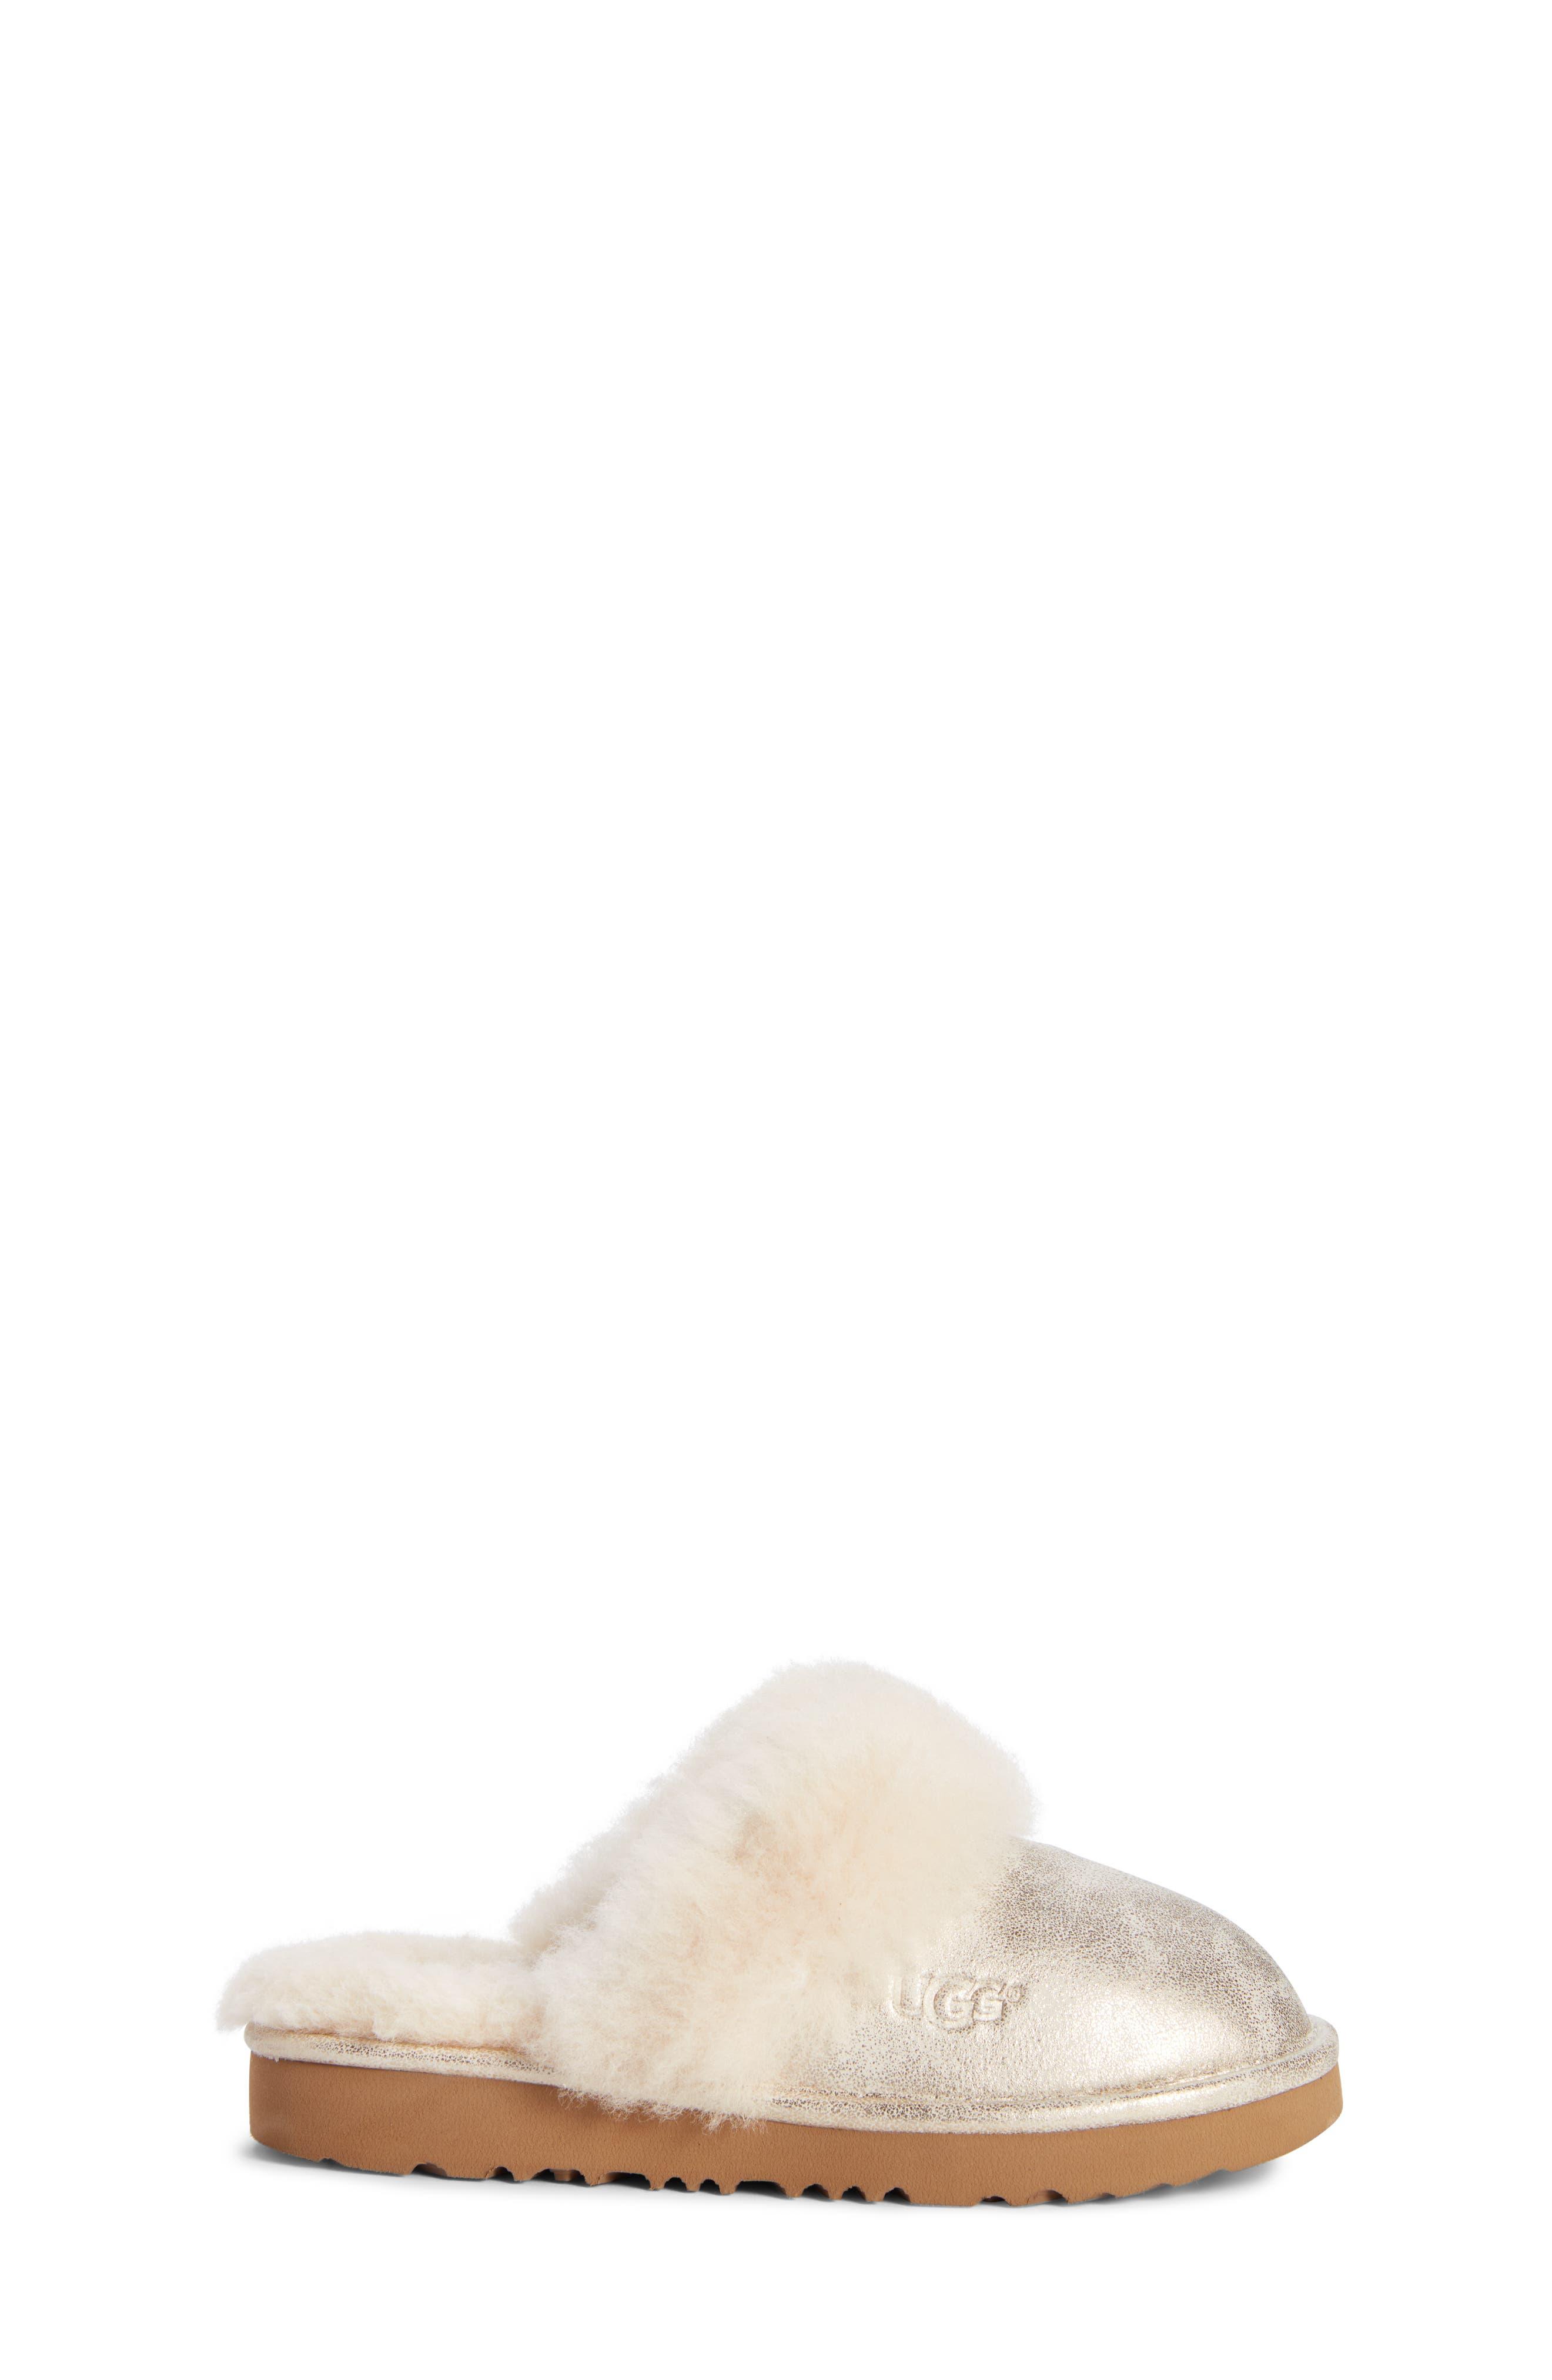 Cozy II Metallic Genuine Shearling Scuff Slipper,                             Alternate thumbnail 3, color,                             710